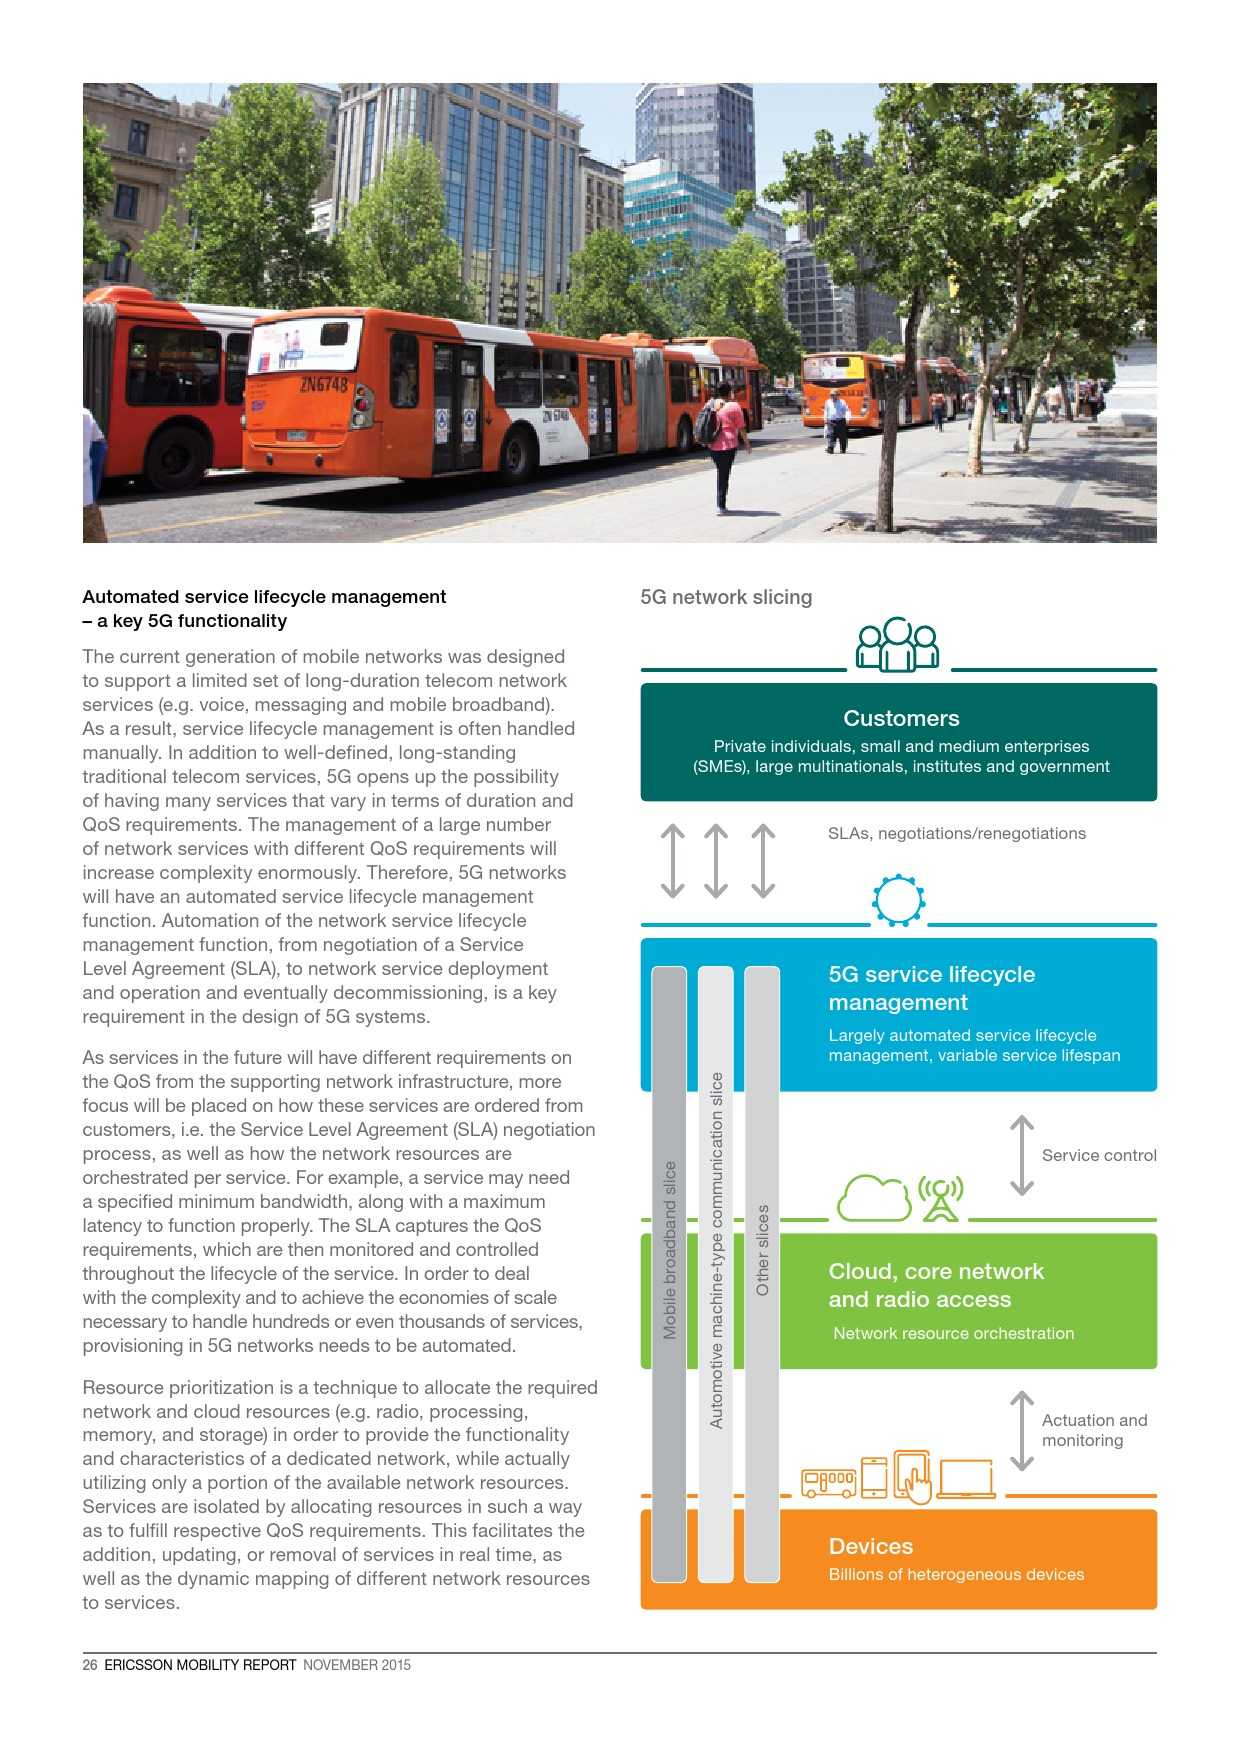 爱立信:2015年移动市场报告_000026